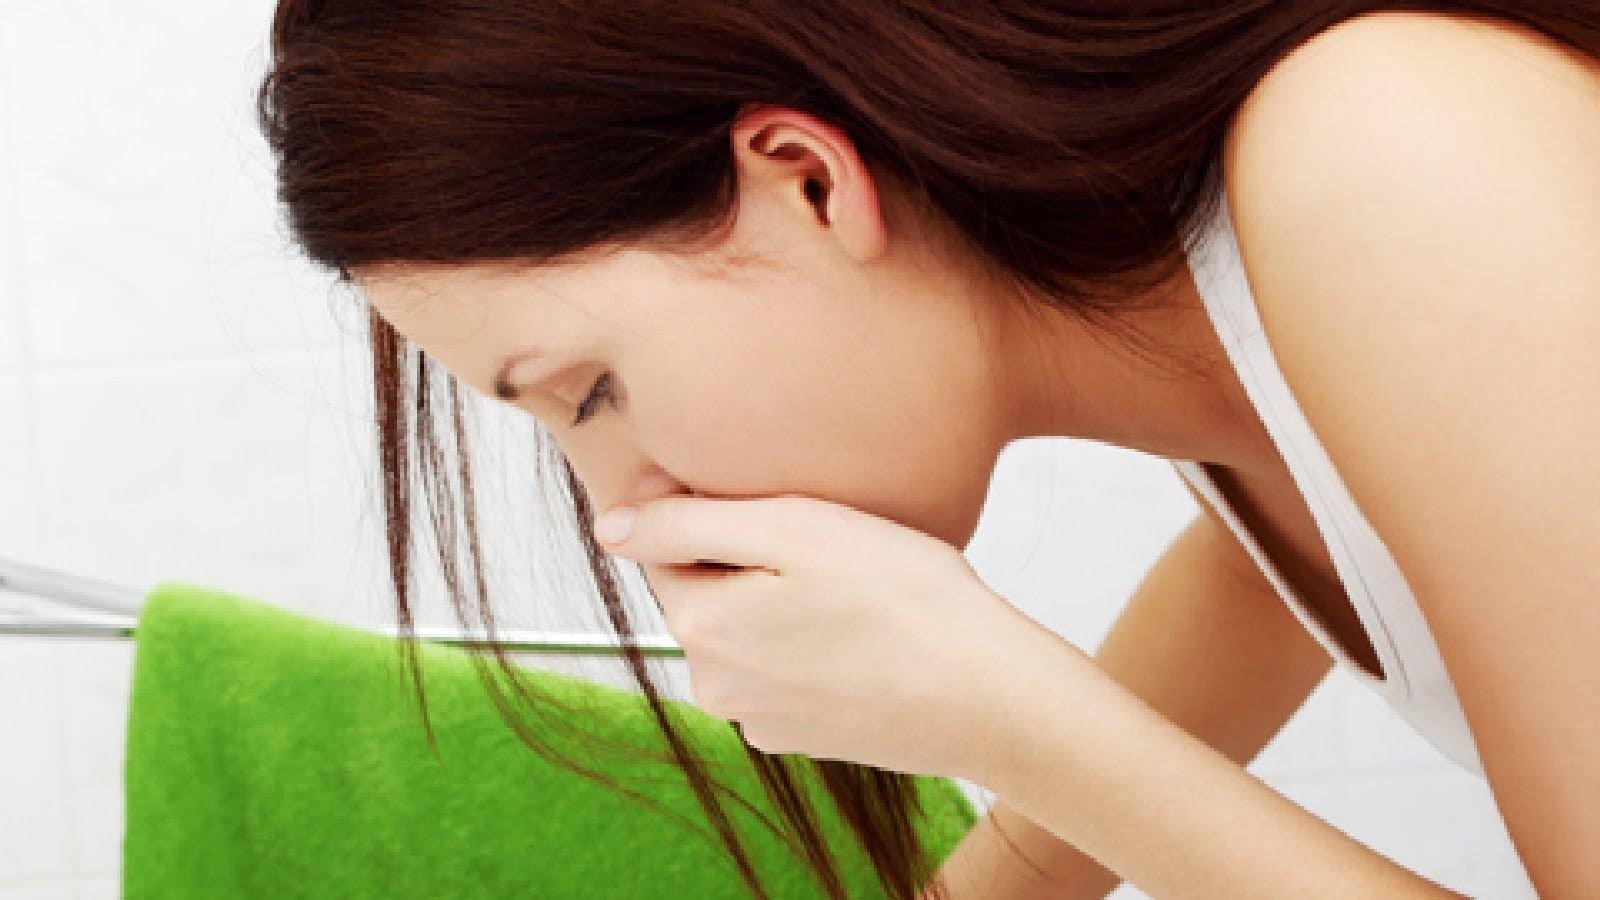 Тошнота и отрыжка после еды: причины появления симптомов и методы лечения